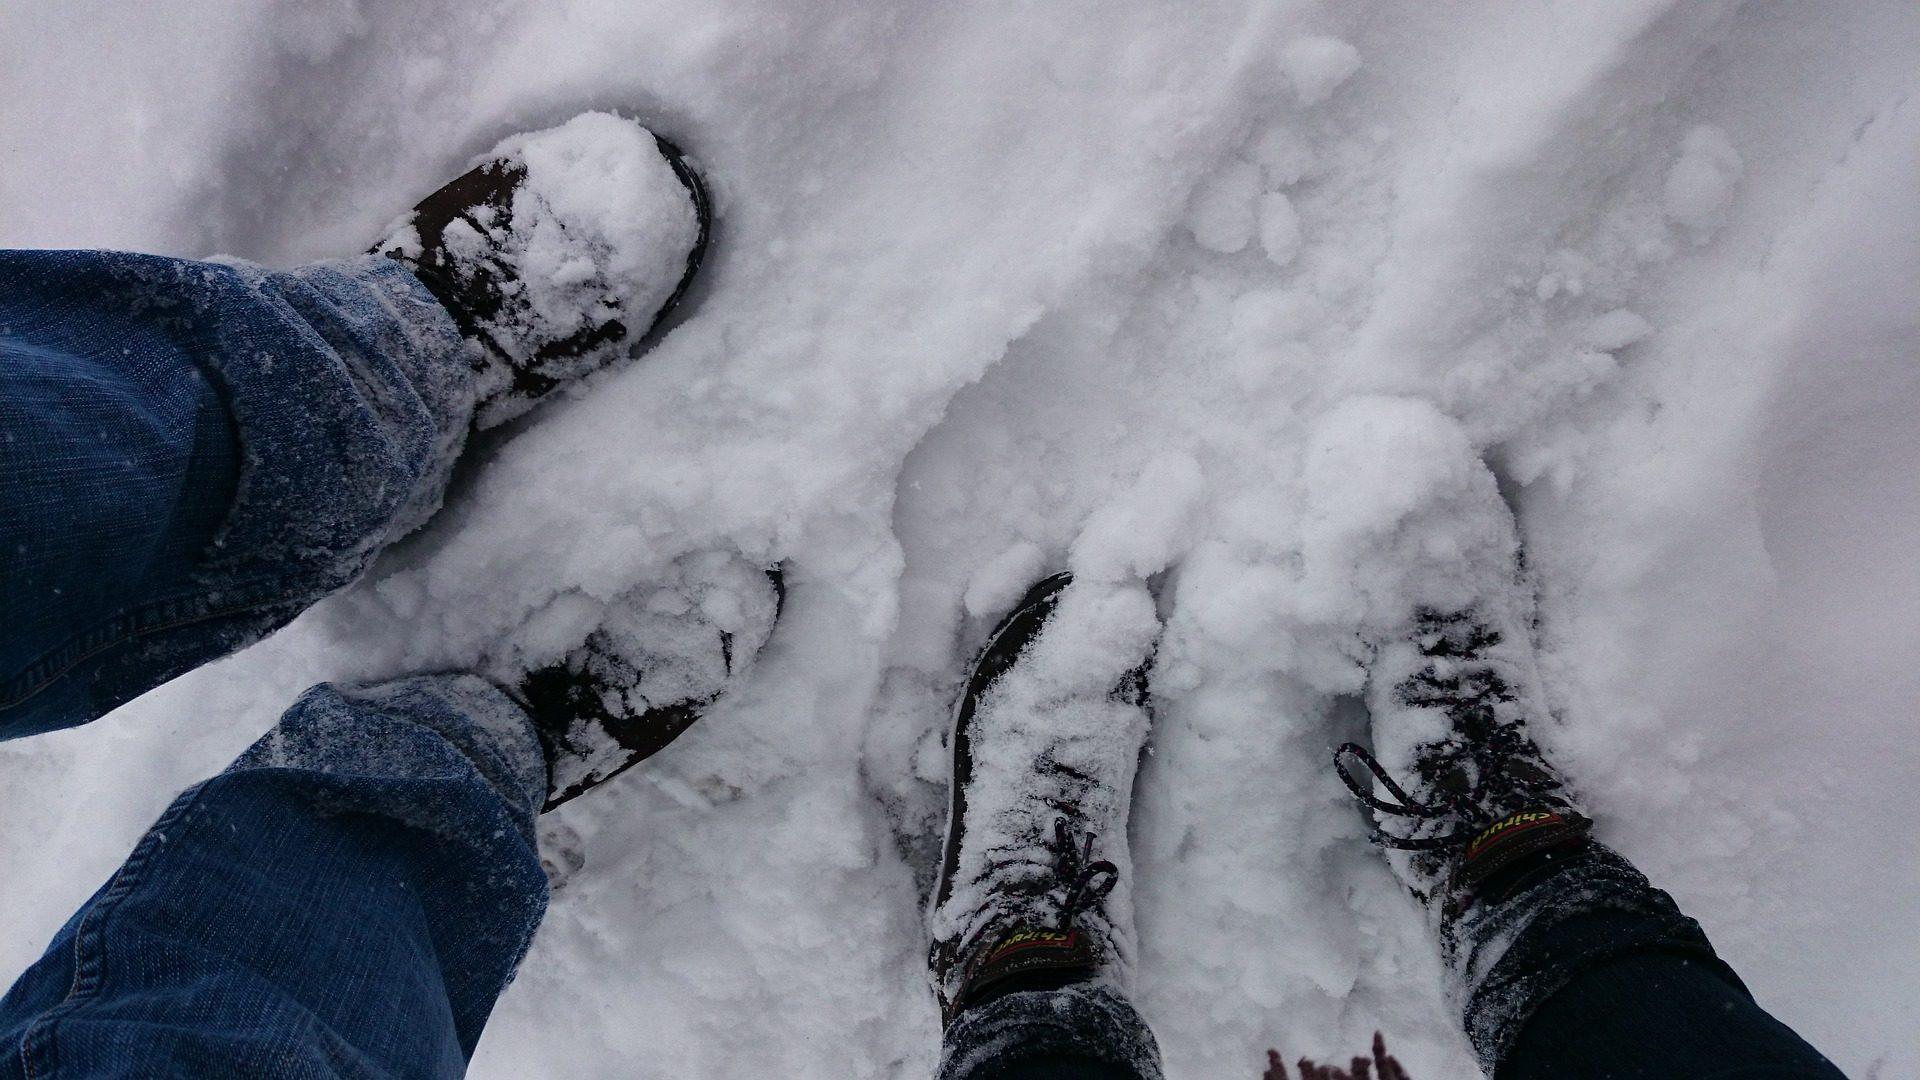 πόδια, μπότες, χιόνι, πατημασιές, χνάρια - Wallpapers HD - Professor-falken.com